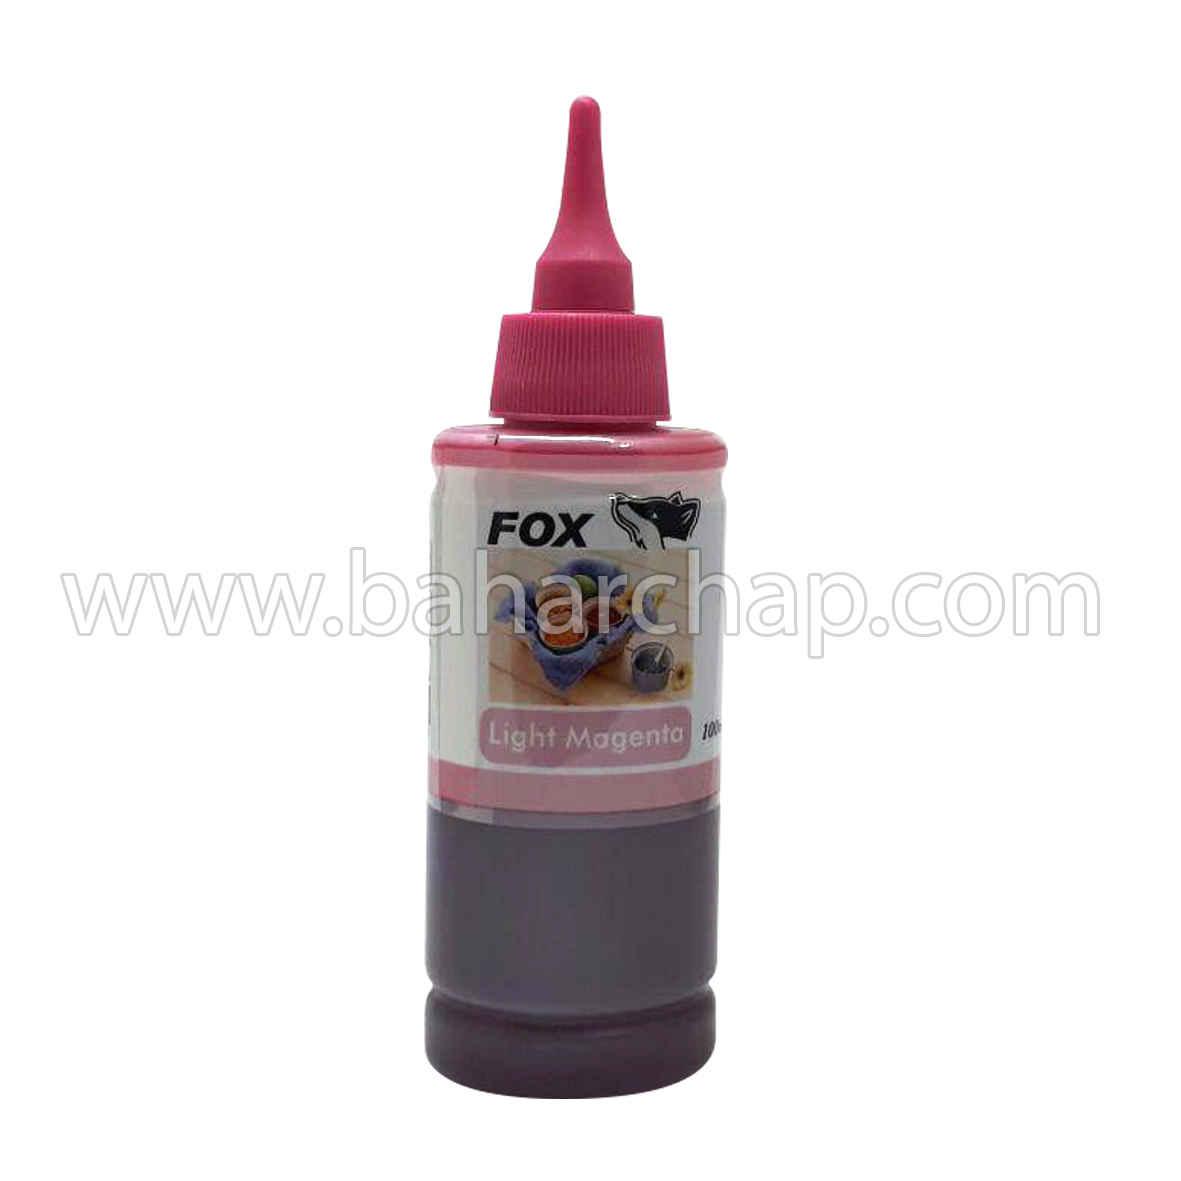 فروشگاه و خدمات اینترنتی بهارچاپ اصفهان-جوهر 100cc قرمز کم رنگ اپسون فوکس-fox epson magenta  ink 100cc